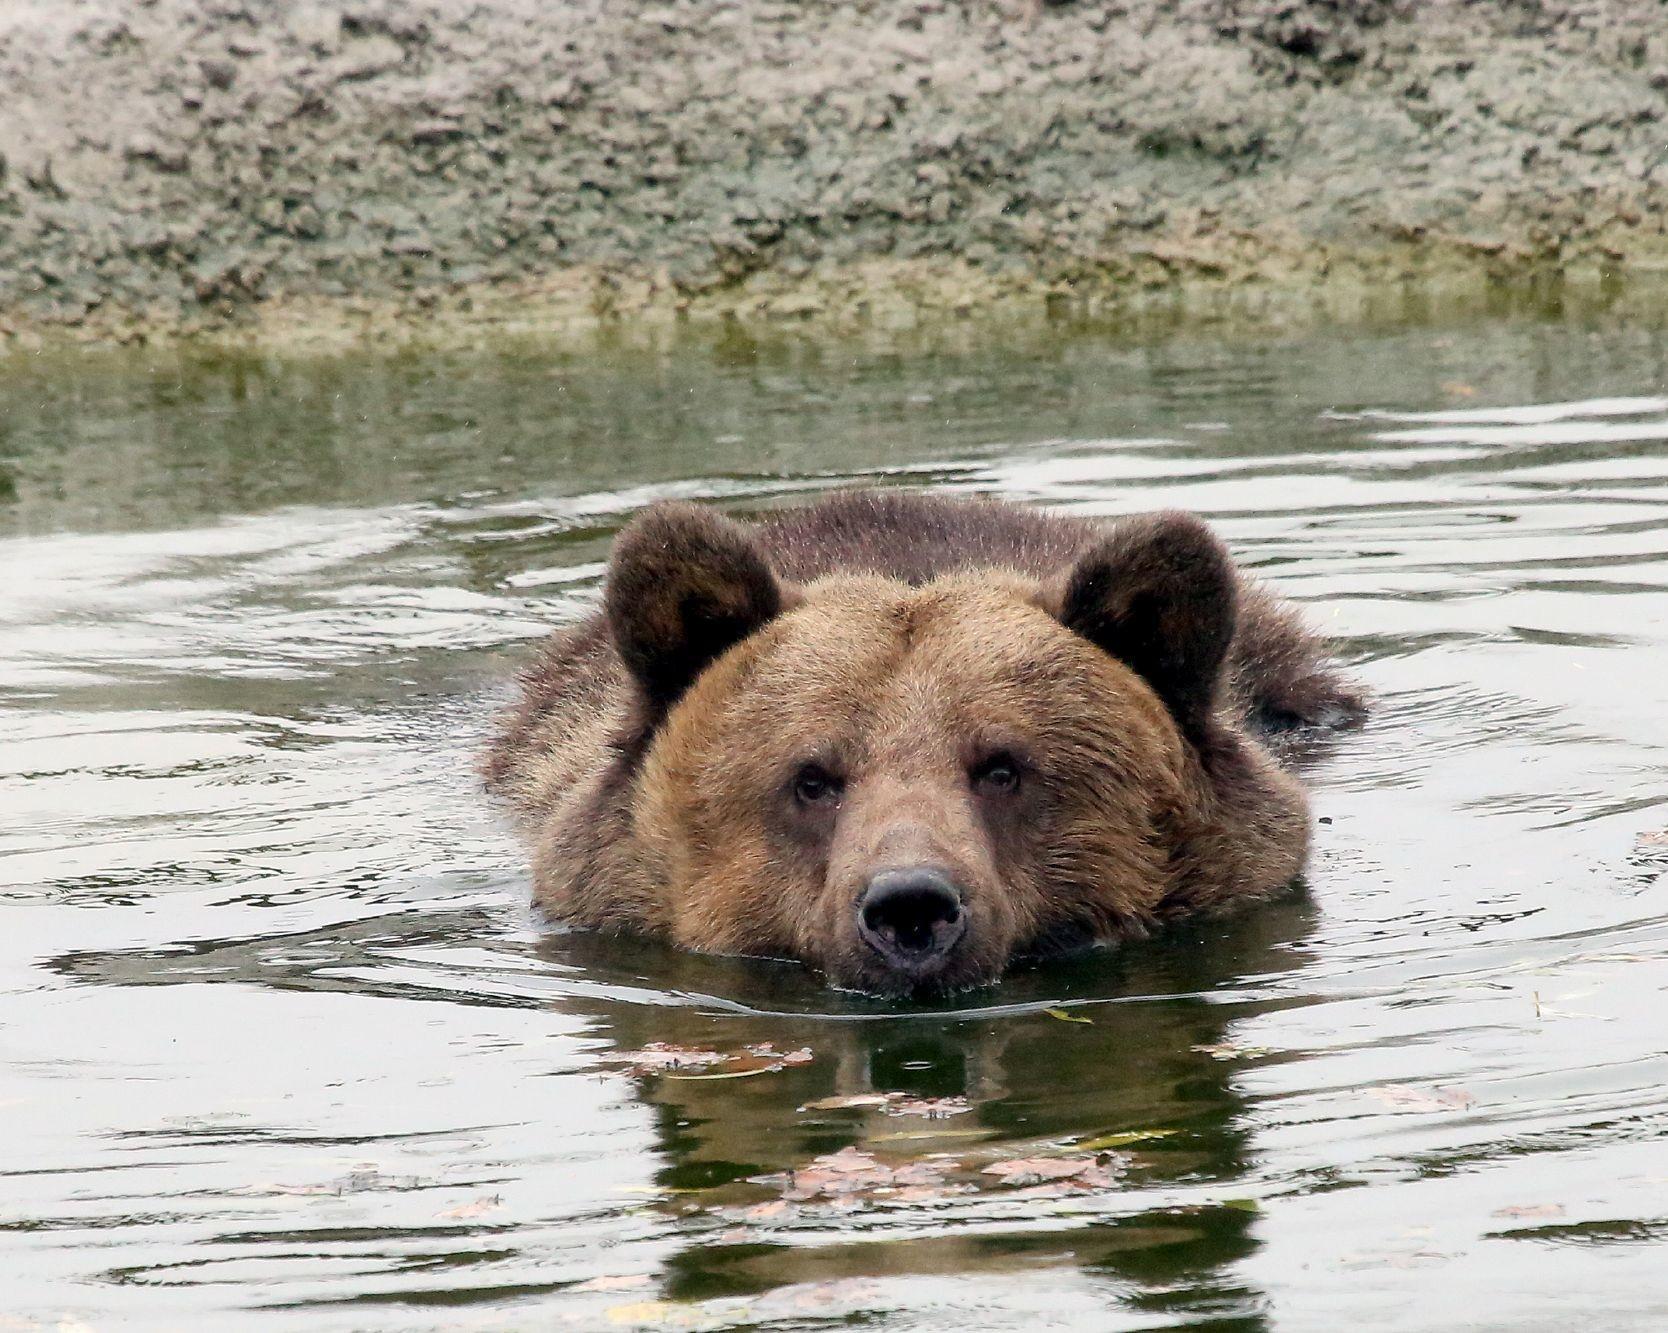 Bär schwimmt im Wasser.